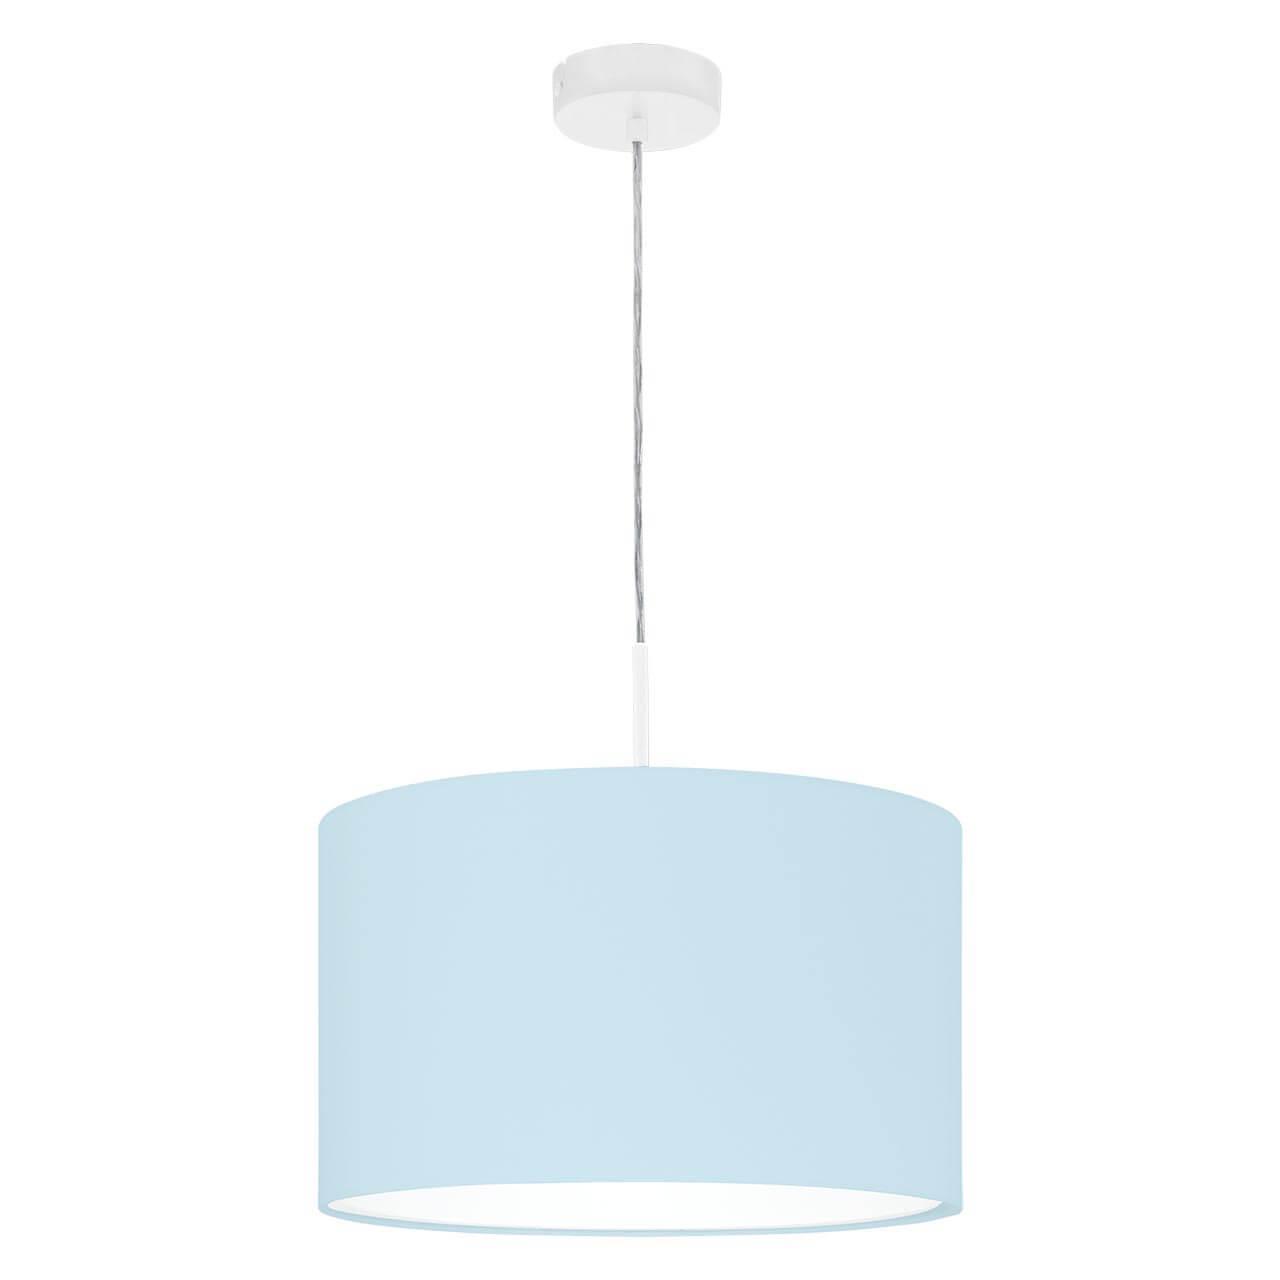 Подвесной светильник Eglo 97385, E27, 60 Вт подвесной светильник eglo pasteri 31577